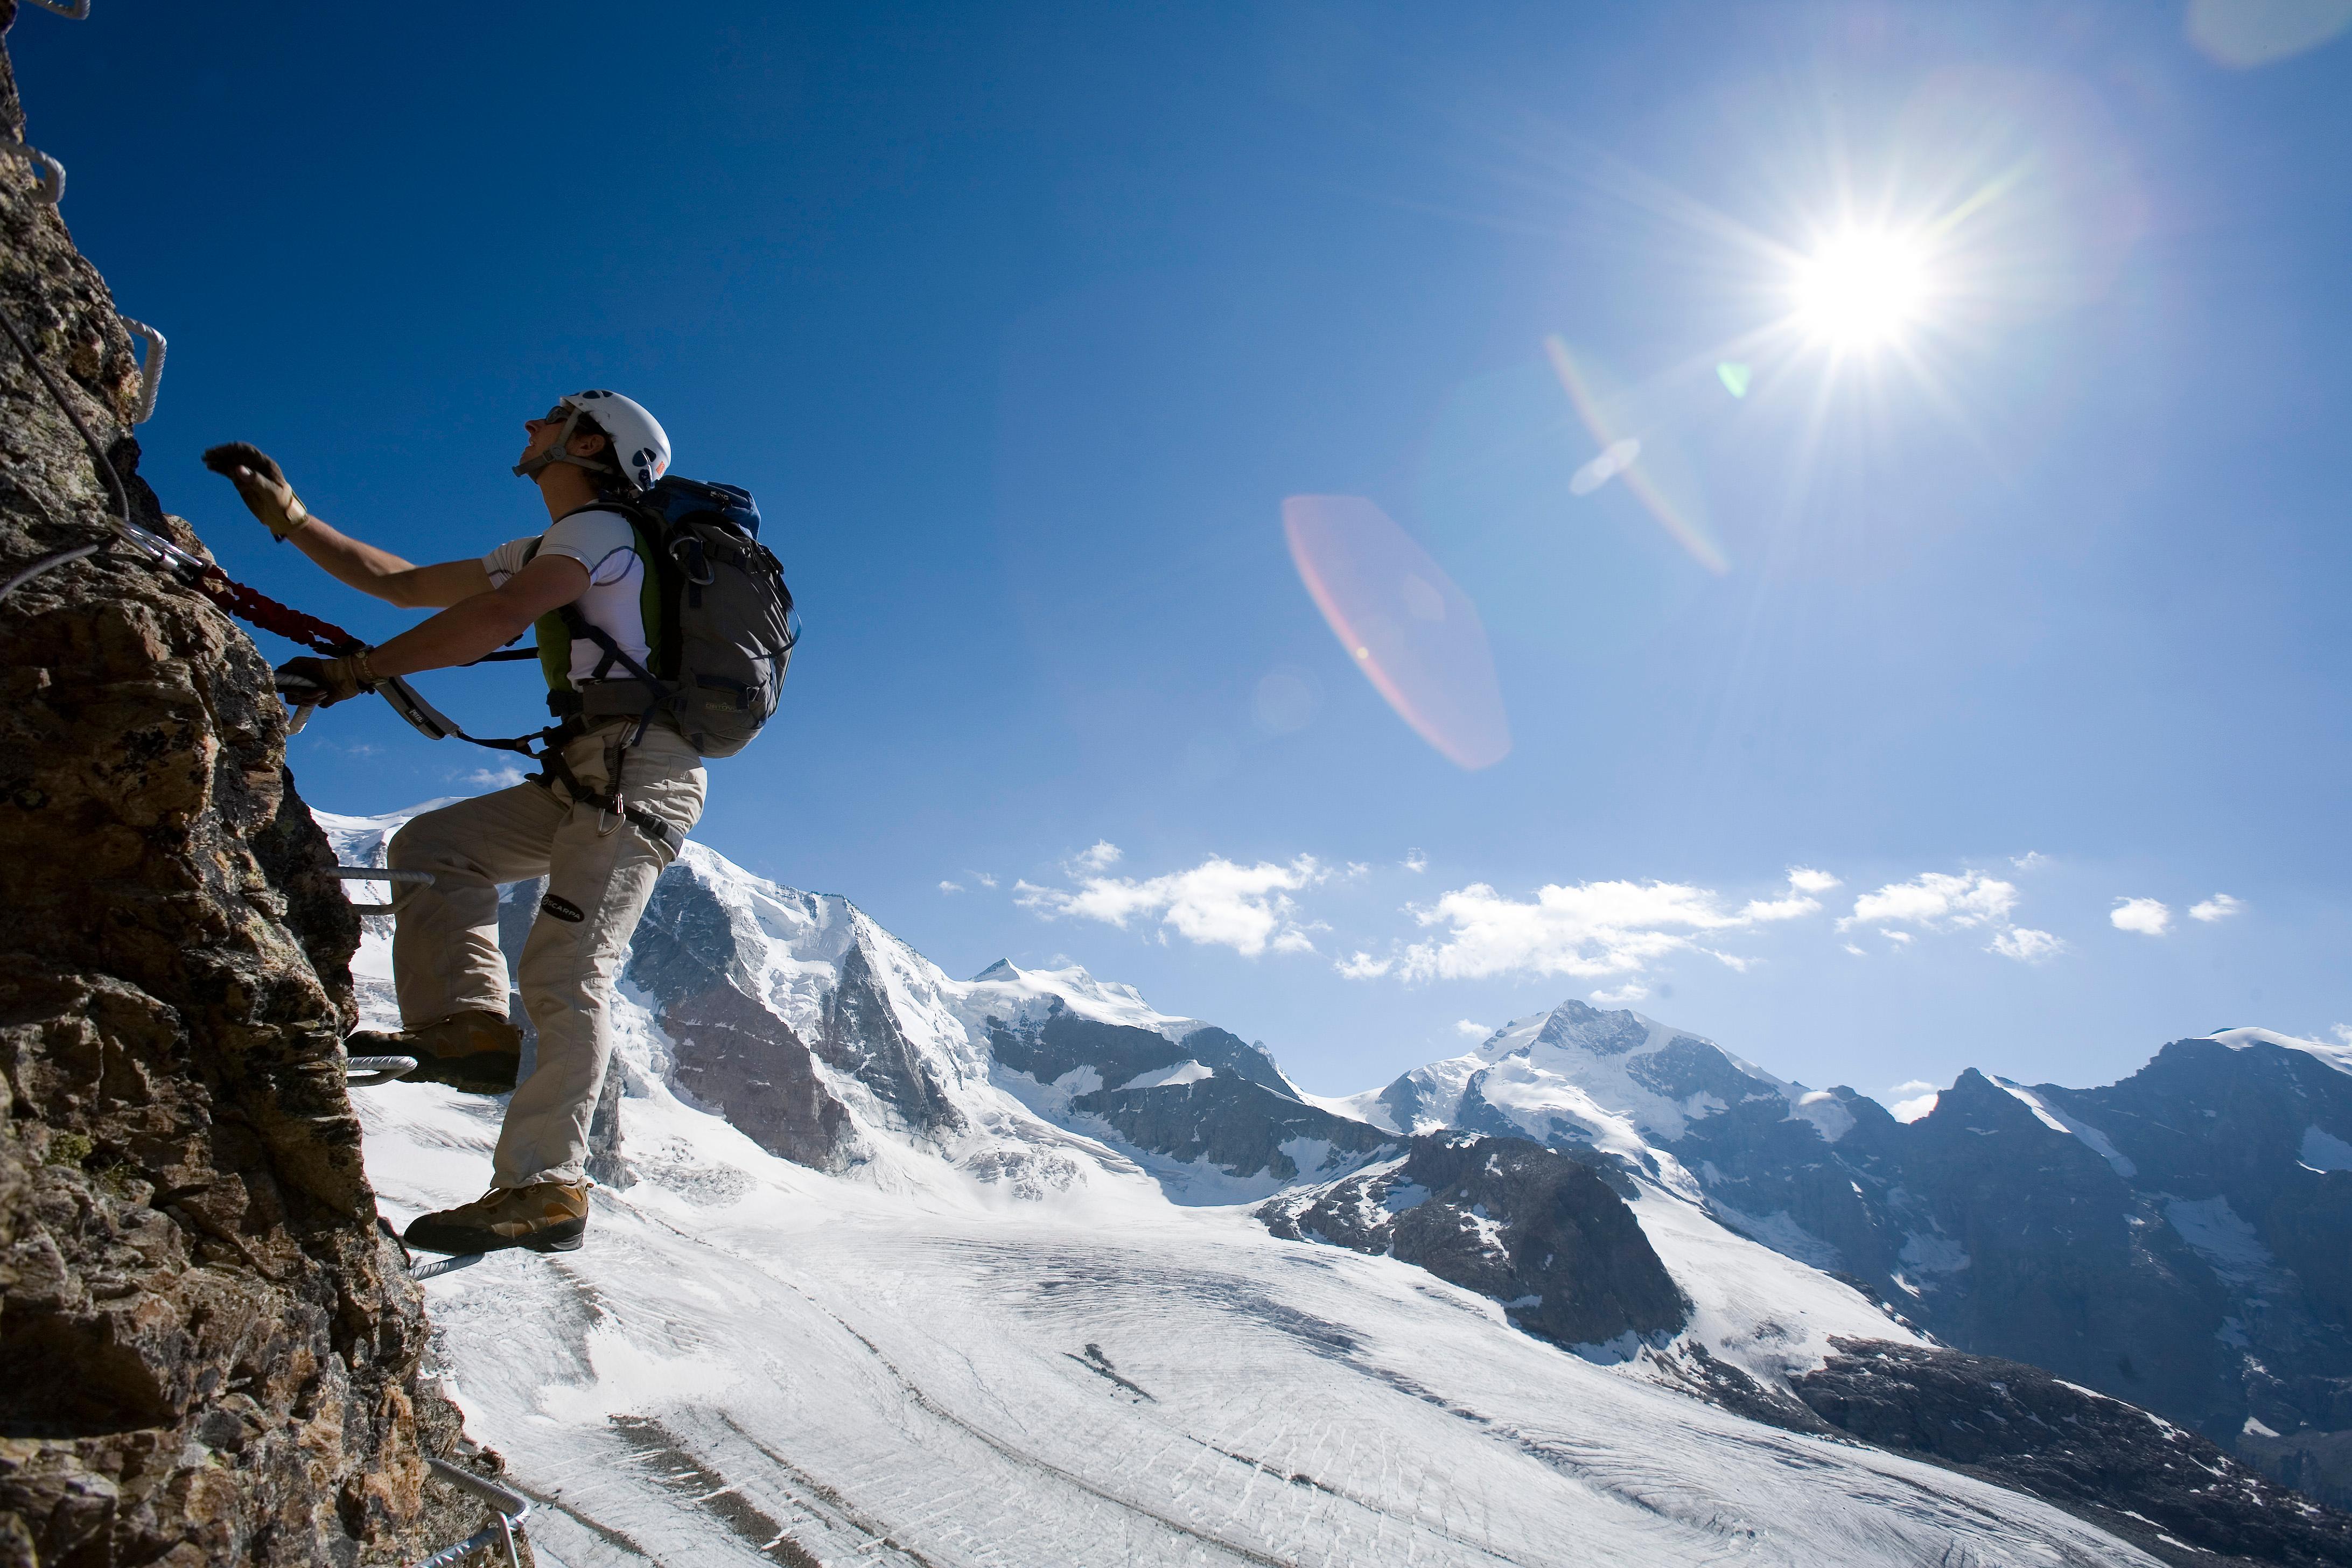 Klettersteig Schweiz : Die schönsten klettersteige in der schweiz